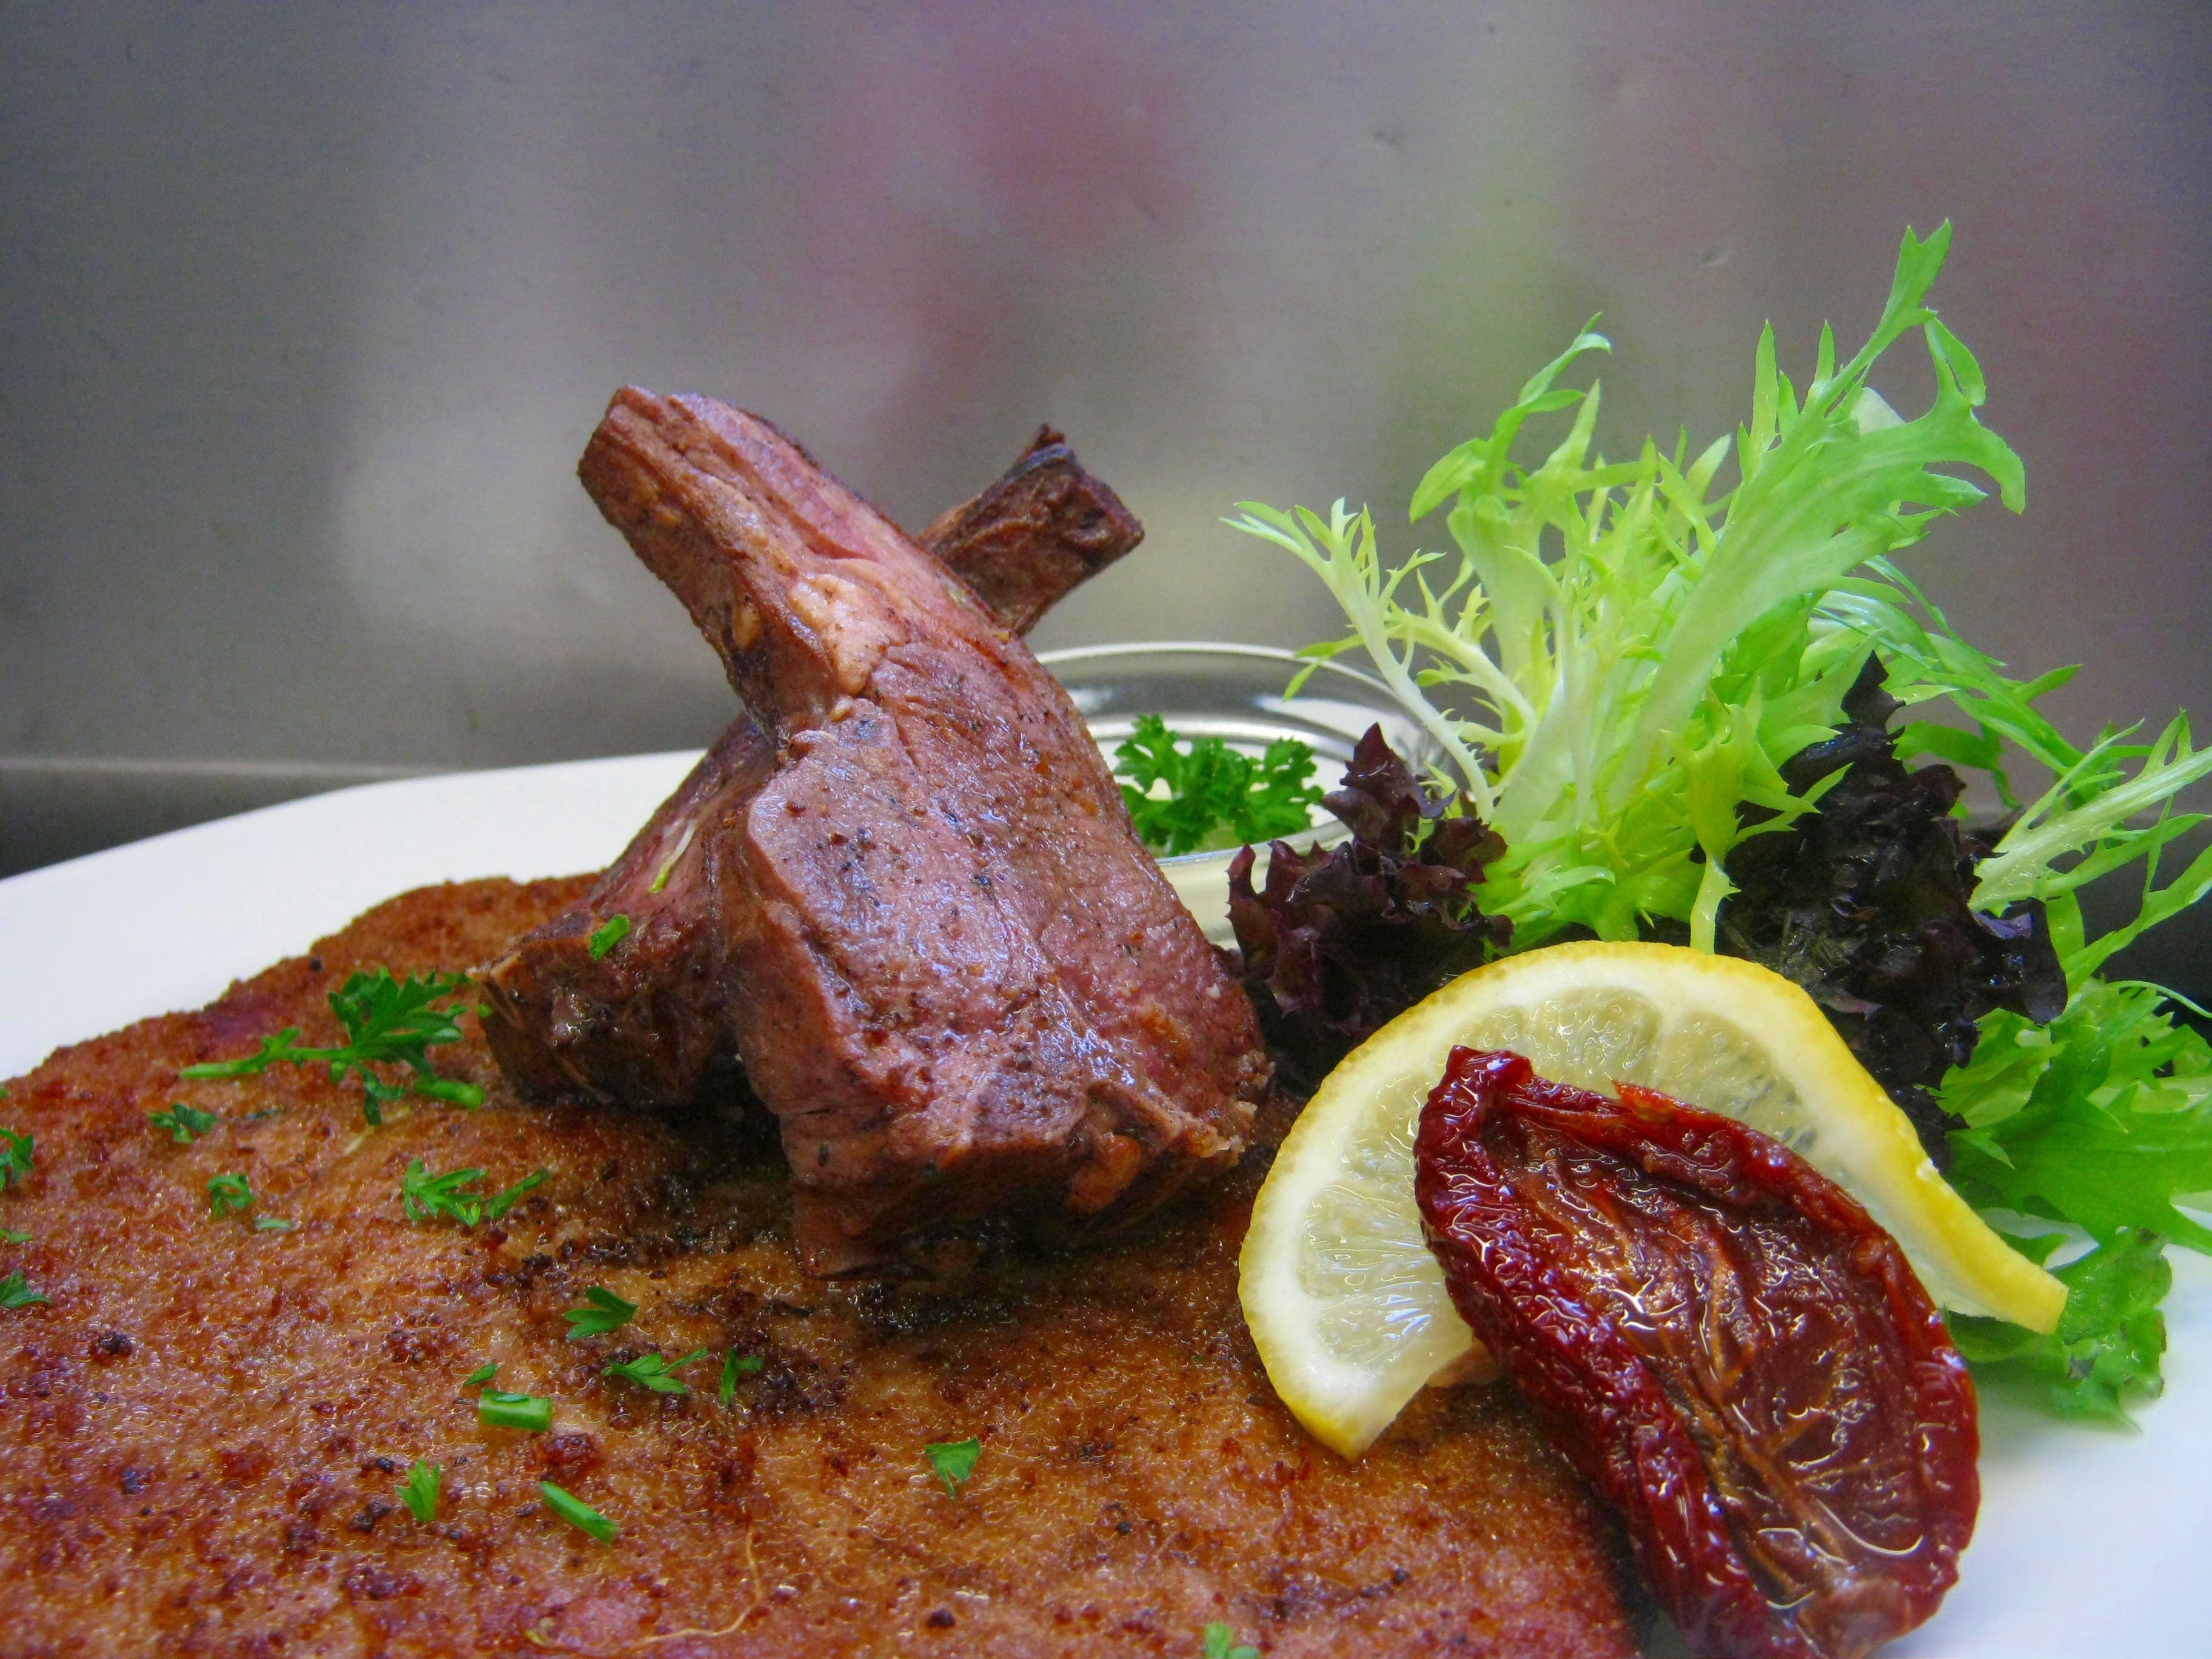 De schnitzel van de maand Oktober: een  heerlijke schnitzel met  2 lamskoteletten en een aioli saus.